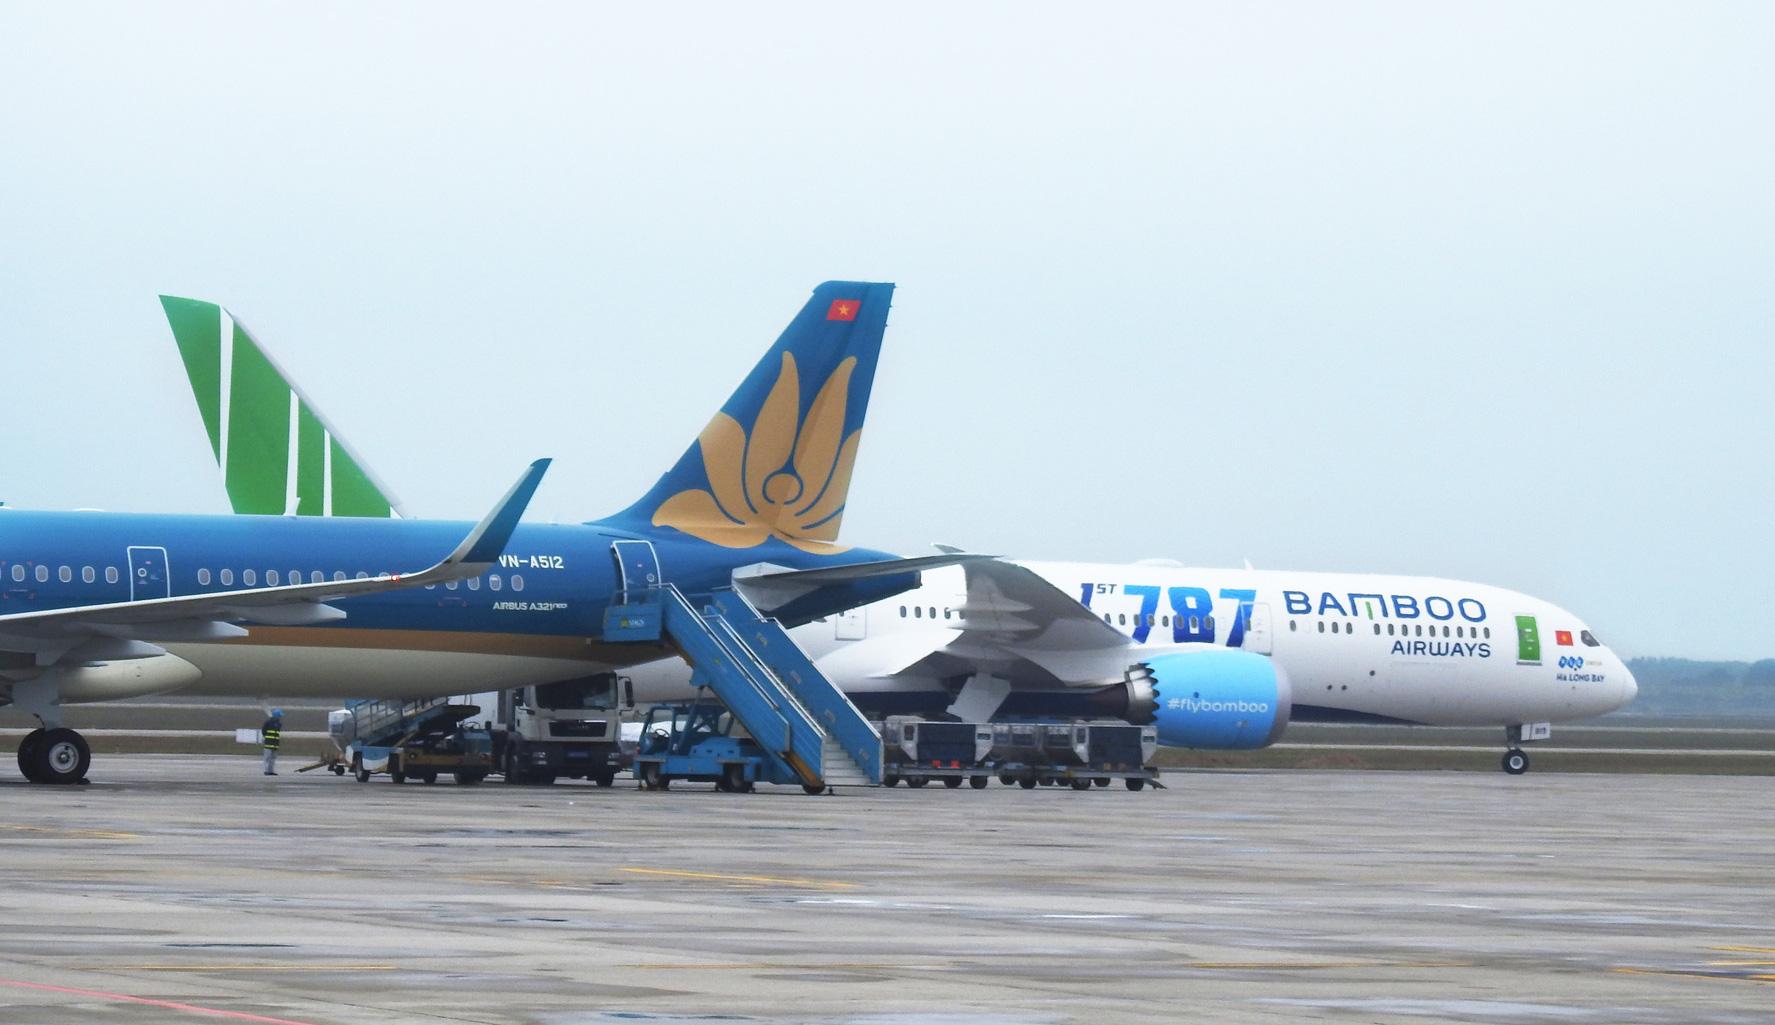 Bamboo Airways tự tin chiếm 30% thị phần và bay thẳng đến Mỹ năm 2020 dù gặp rào cản kĩ thuật - Ảnh 1.